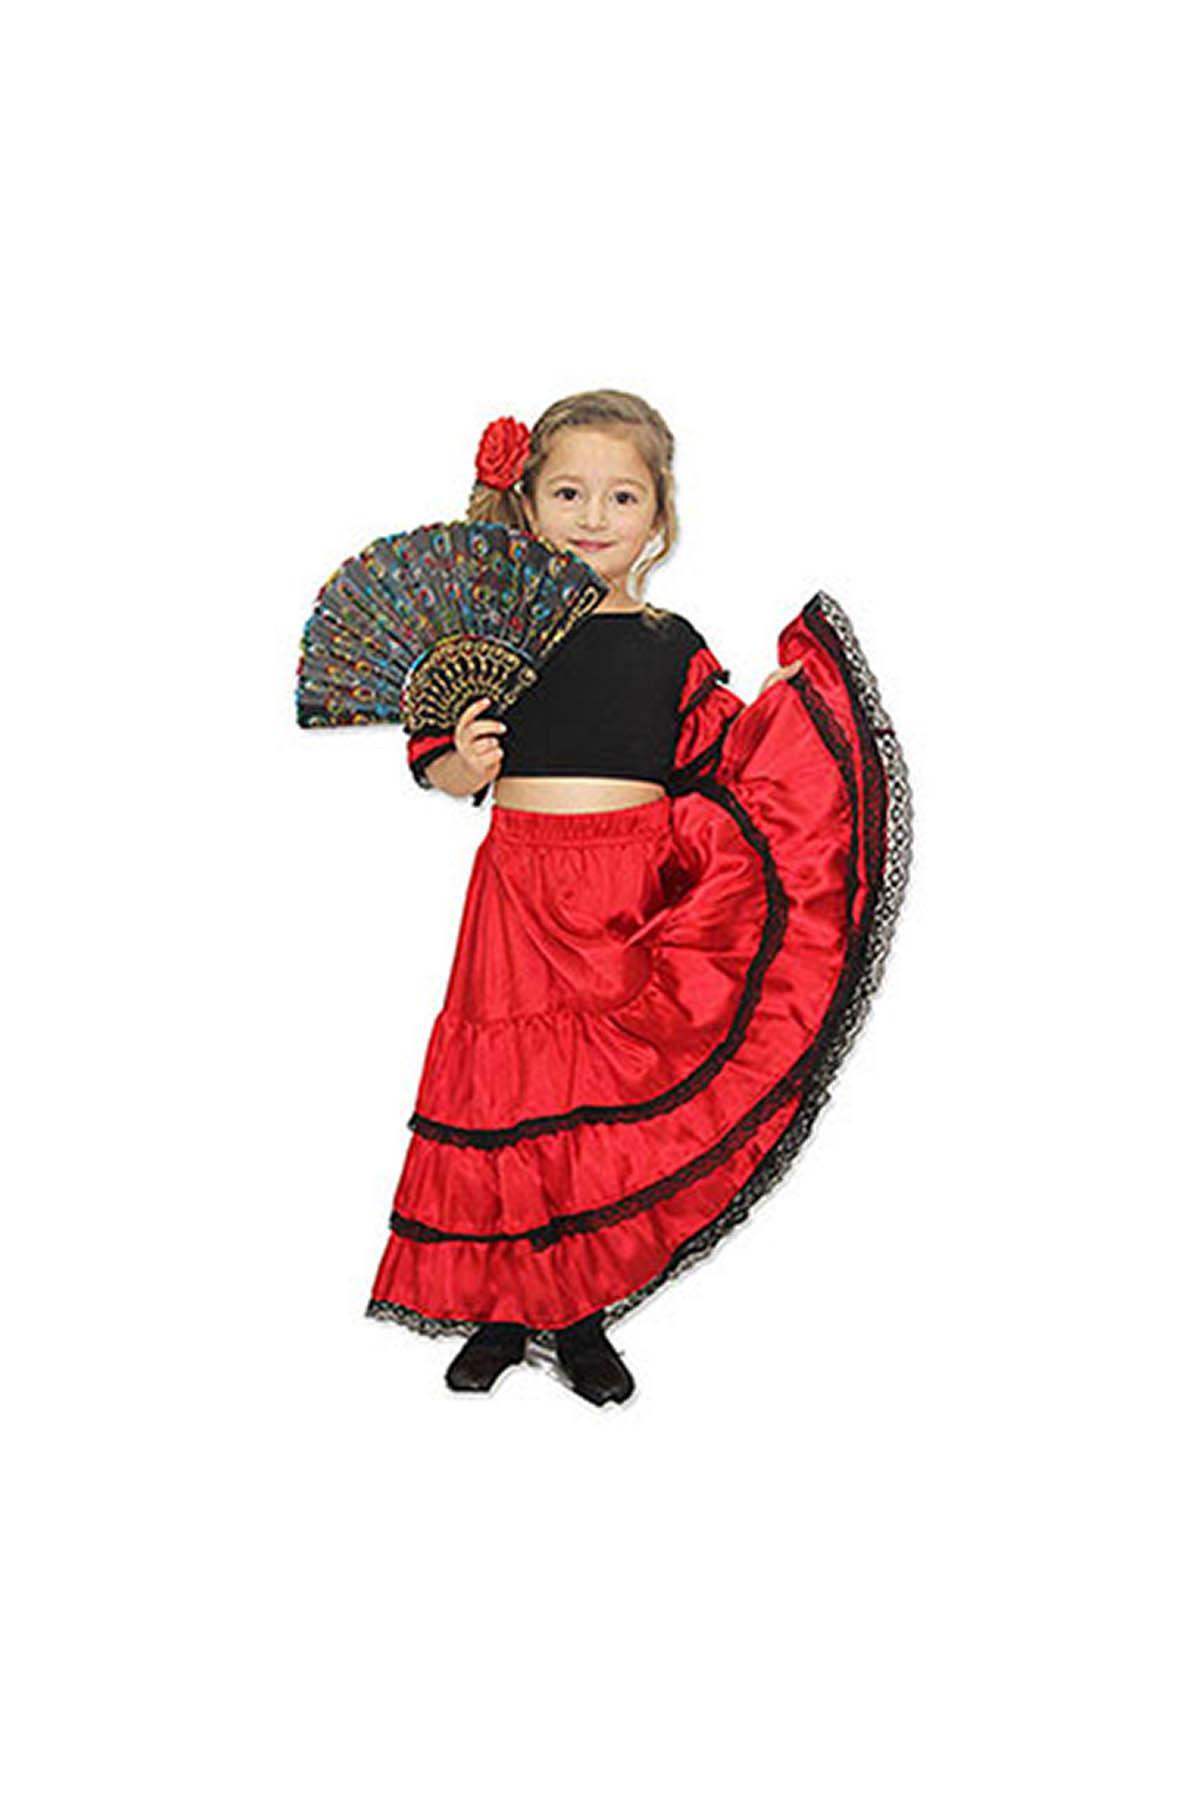 İspanyol Kız Çocuk Kostümü 5-6 Yaş